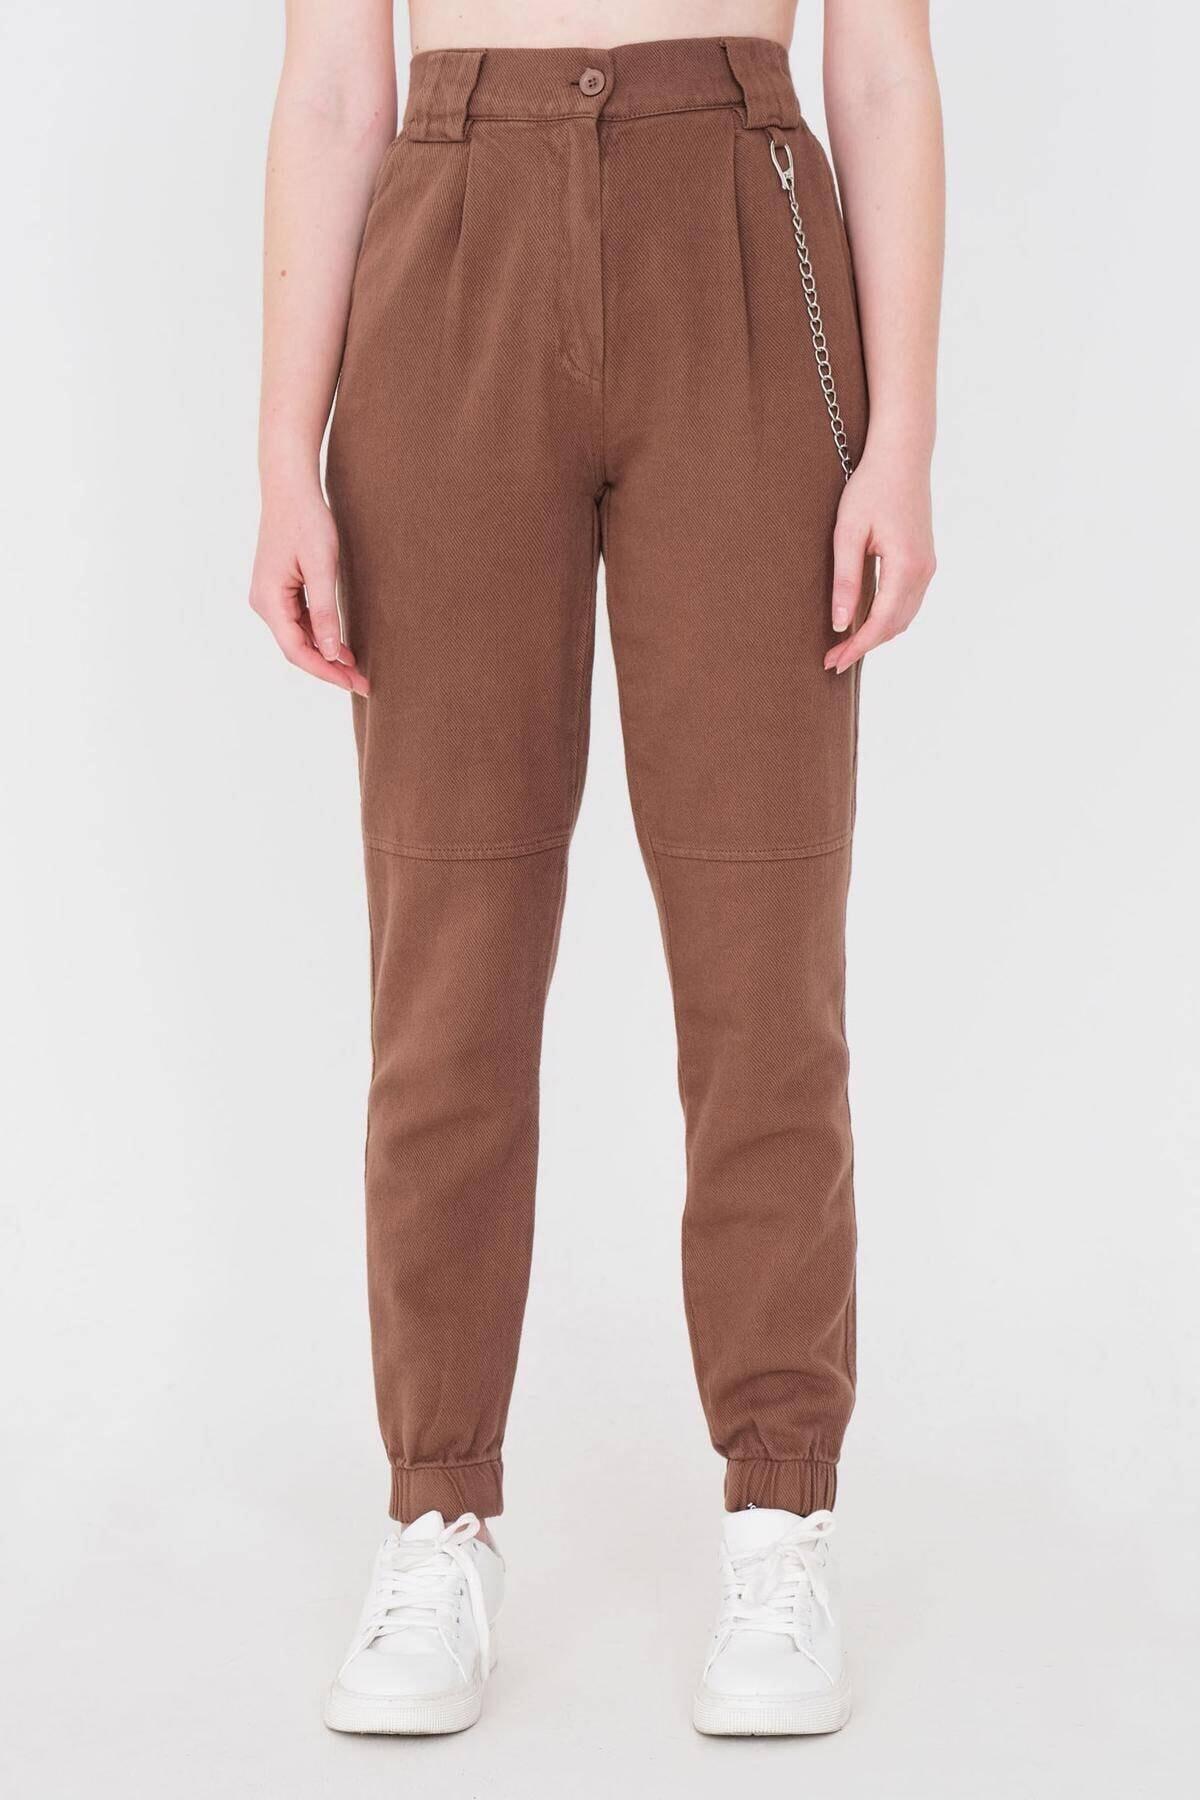 Addax Kadın Kahve Zincir Detaylı Pantolon Pn01-0073 - S11 Adx-0000024102 1